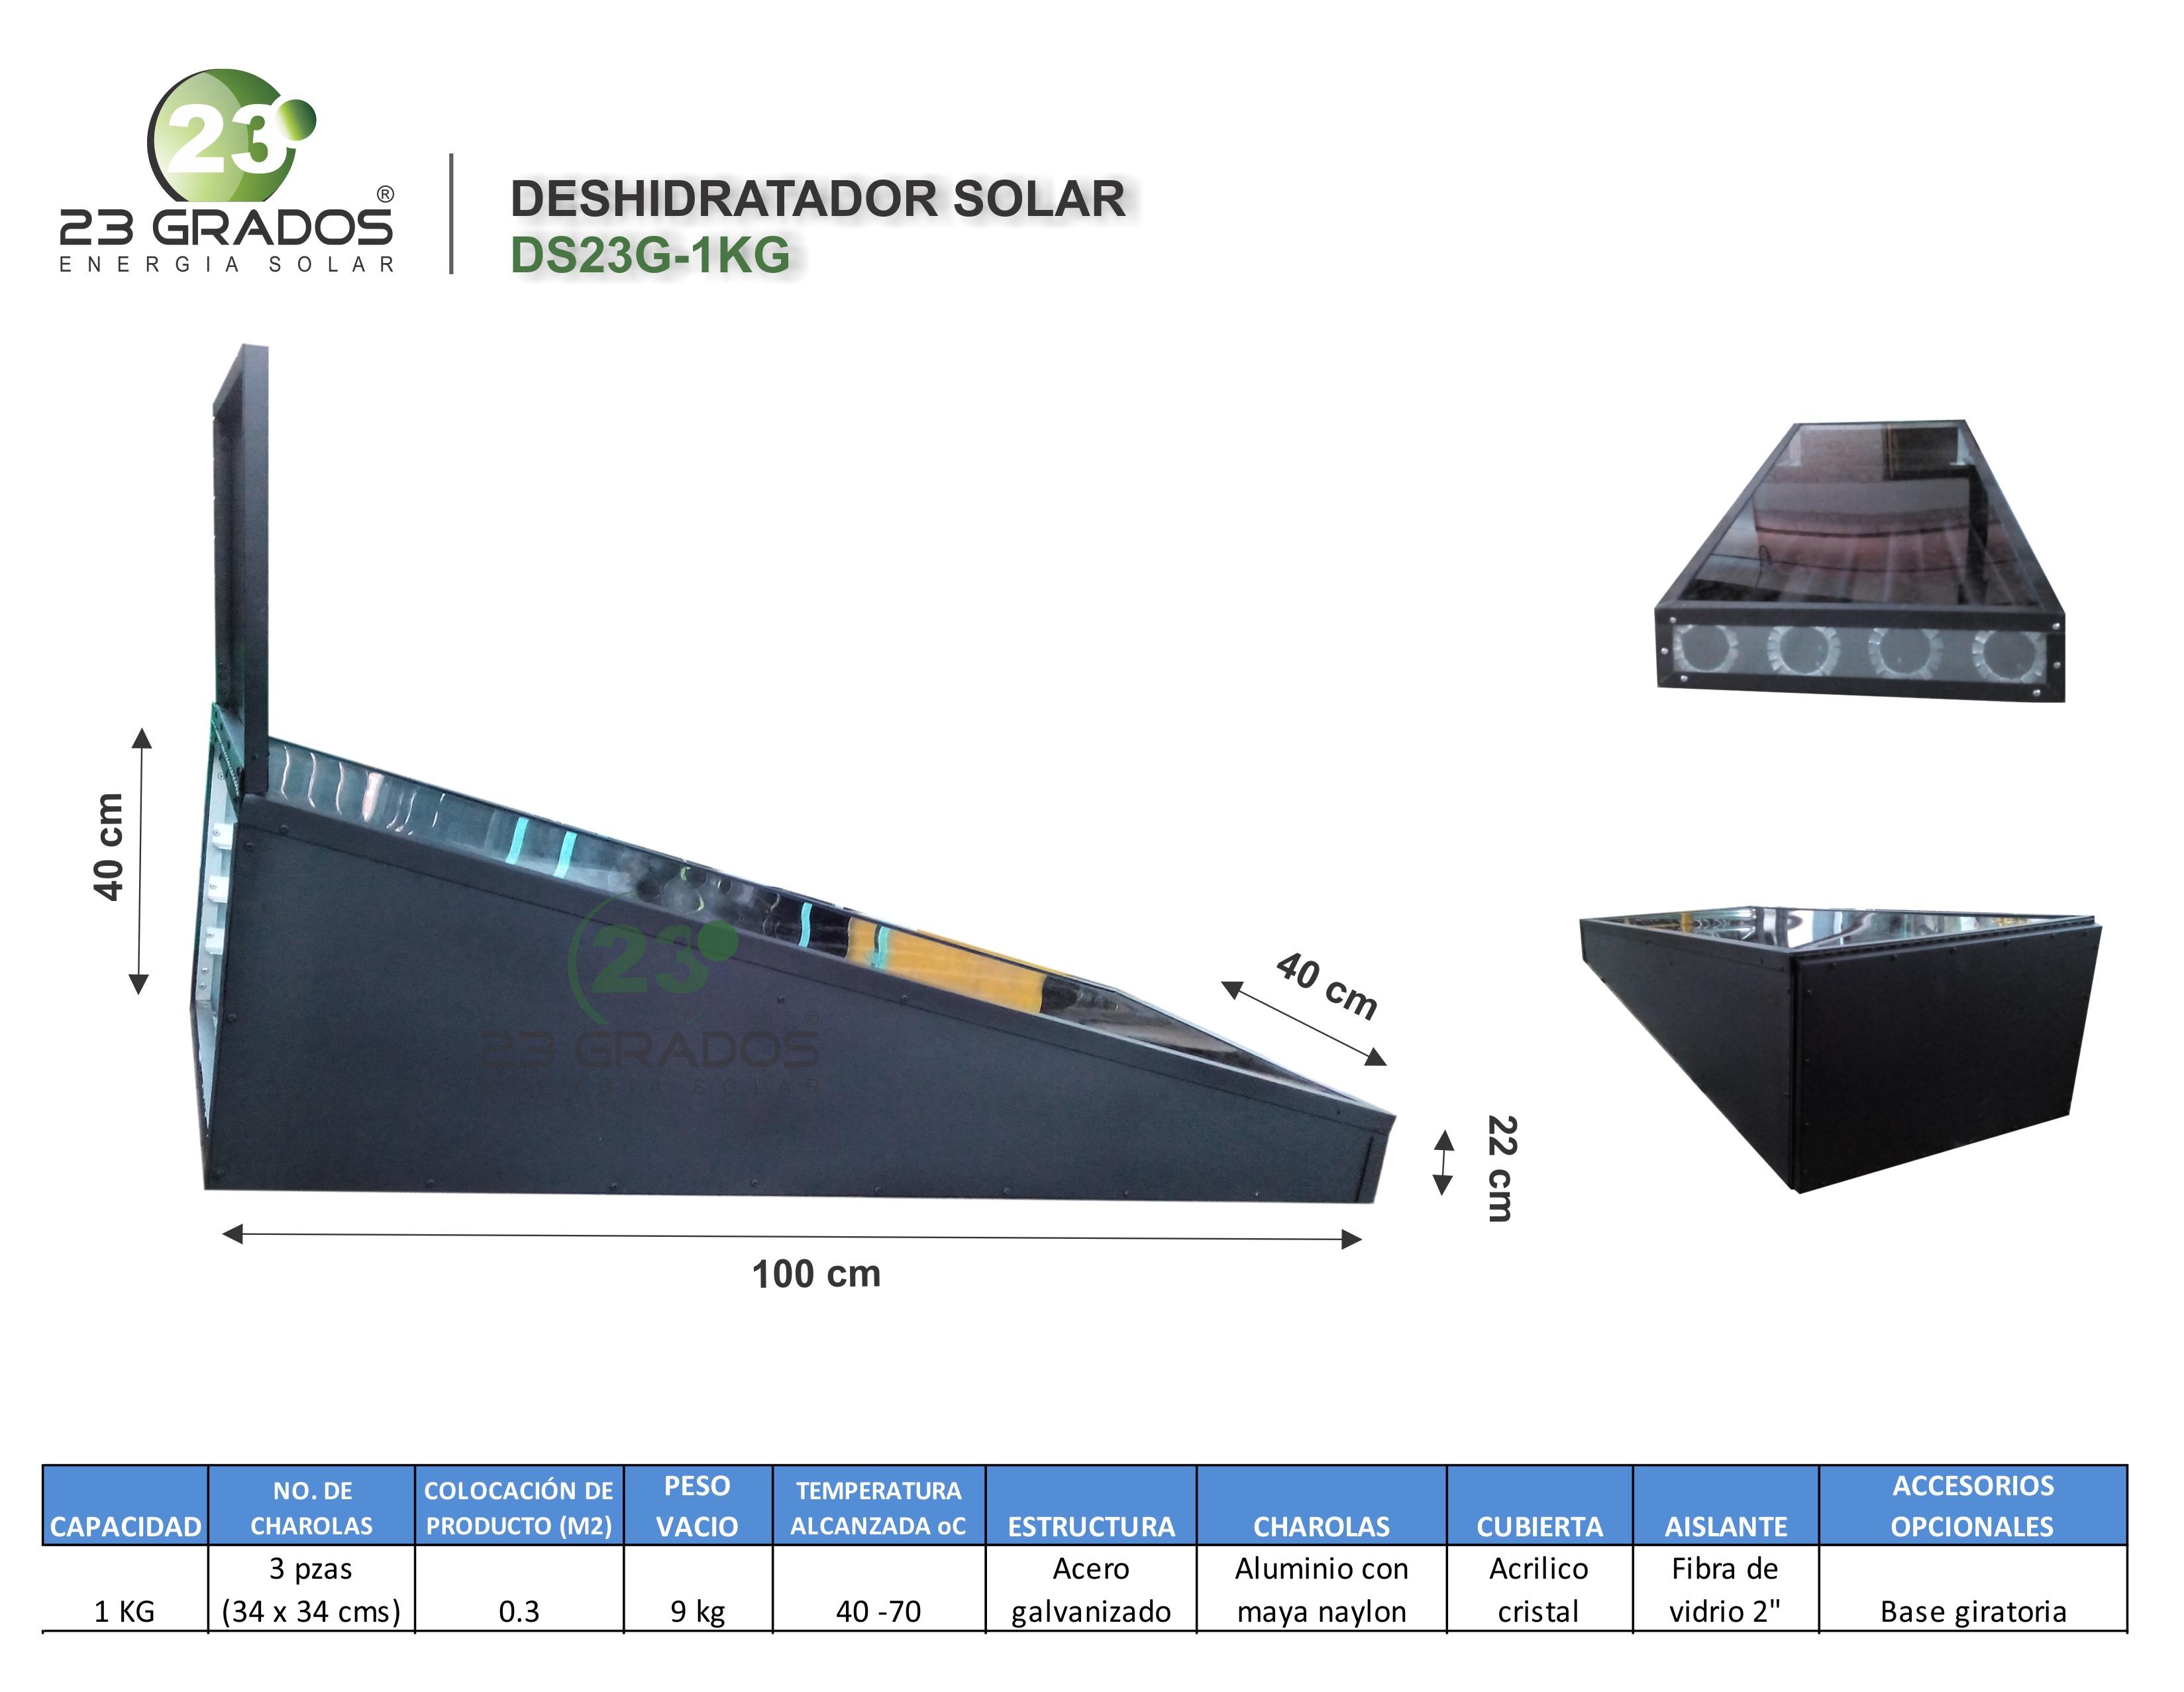 Deshidratador Solar DS23G-1kg